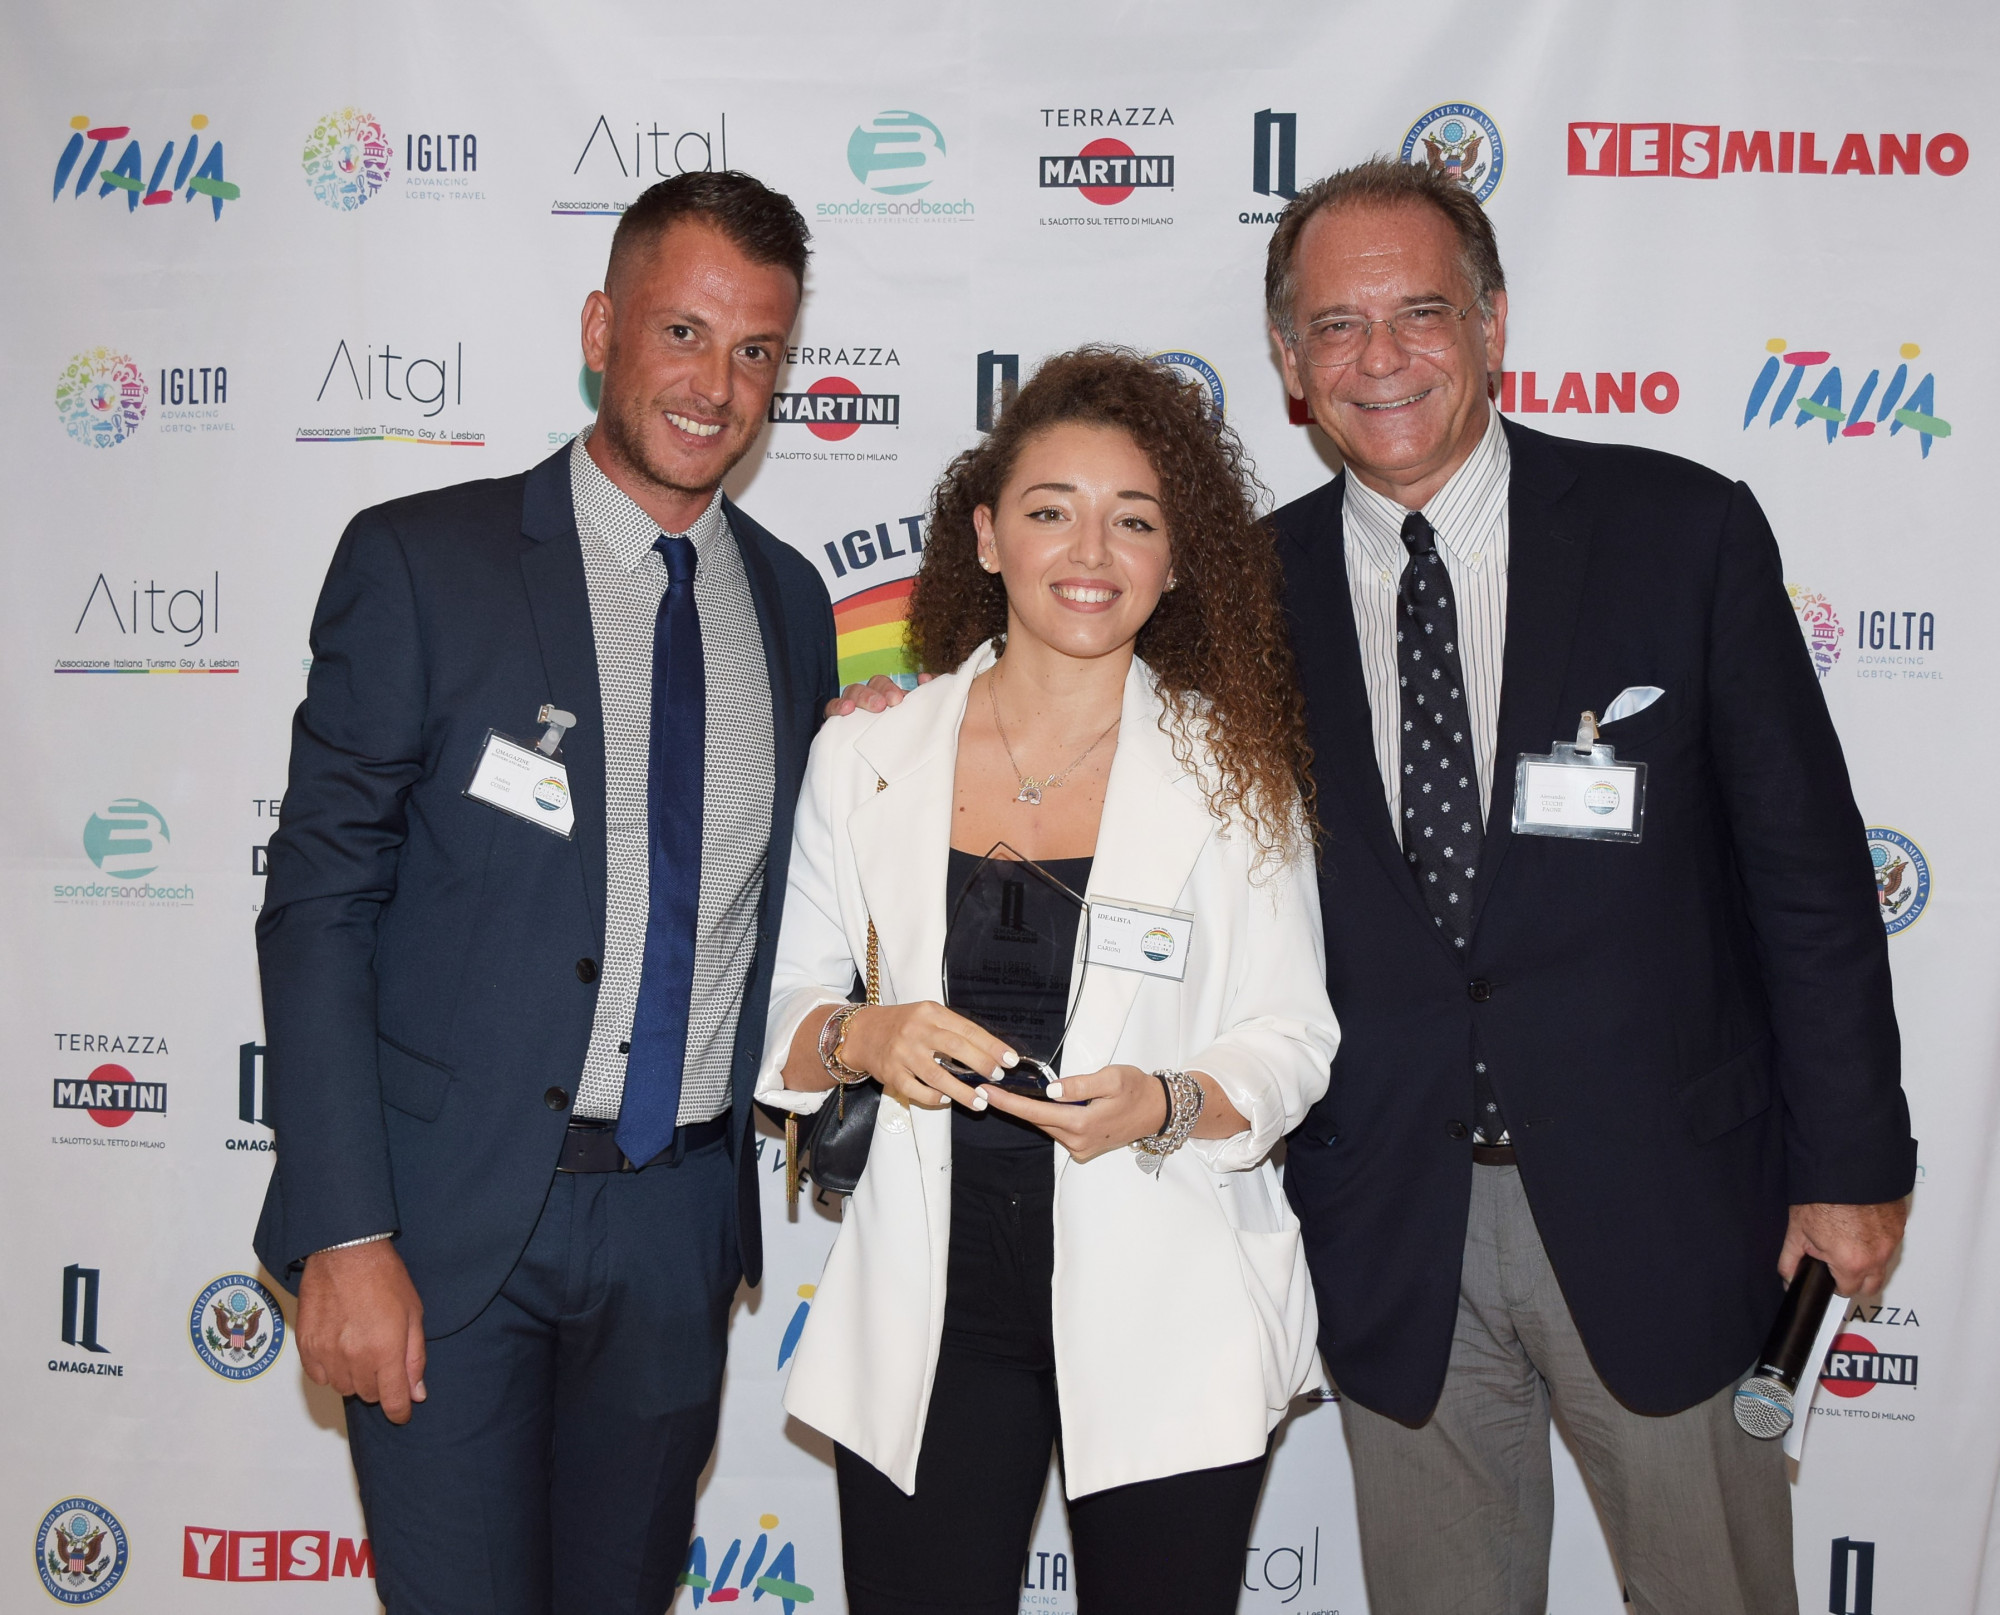 Da esquerda para a direita: Andrea Cosimi, Paola Carioni e Alessandro Cecchi Paone / Nick Zonna